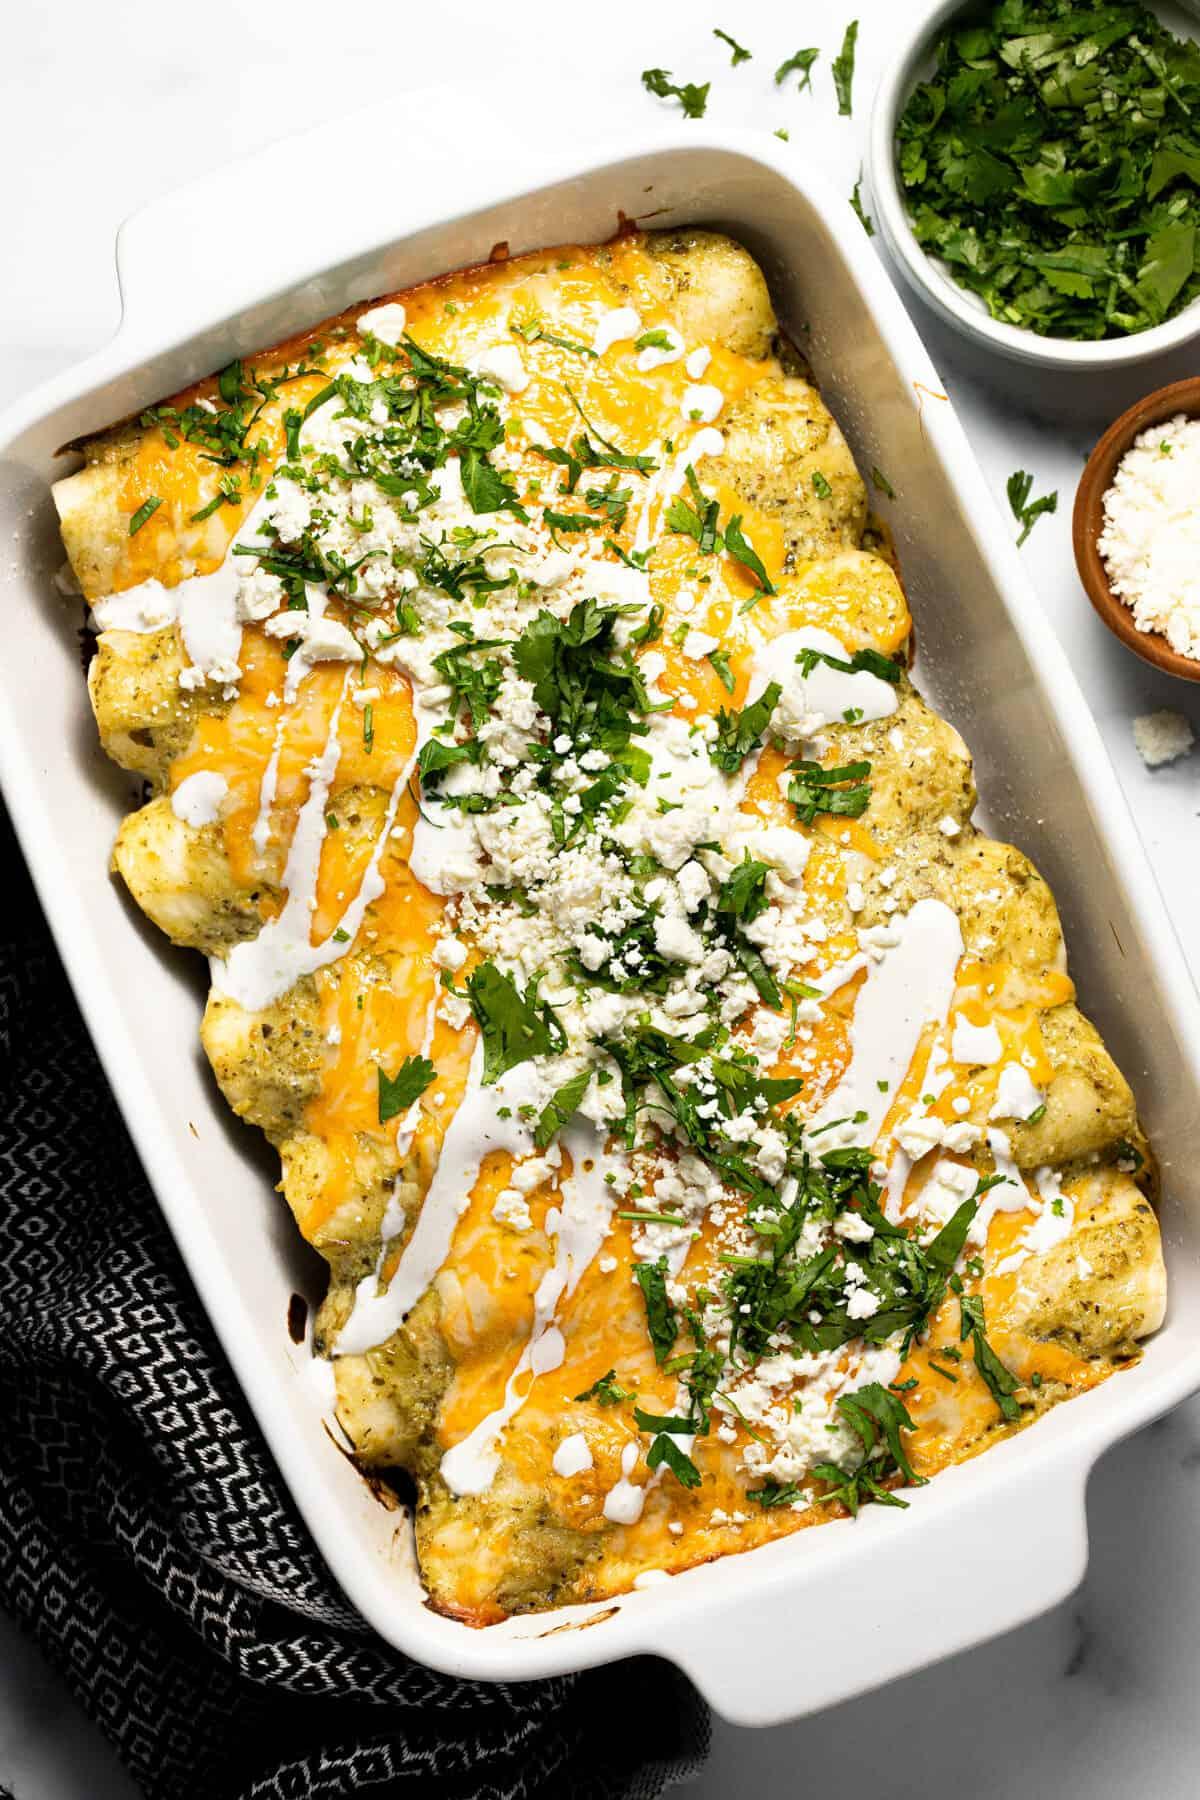 White baking dish filled with pulled pork carnitas enchiladas